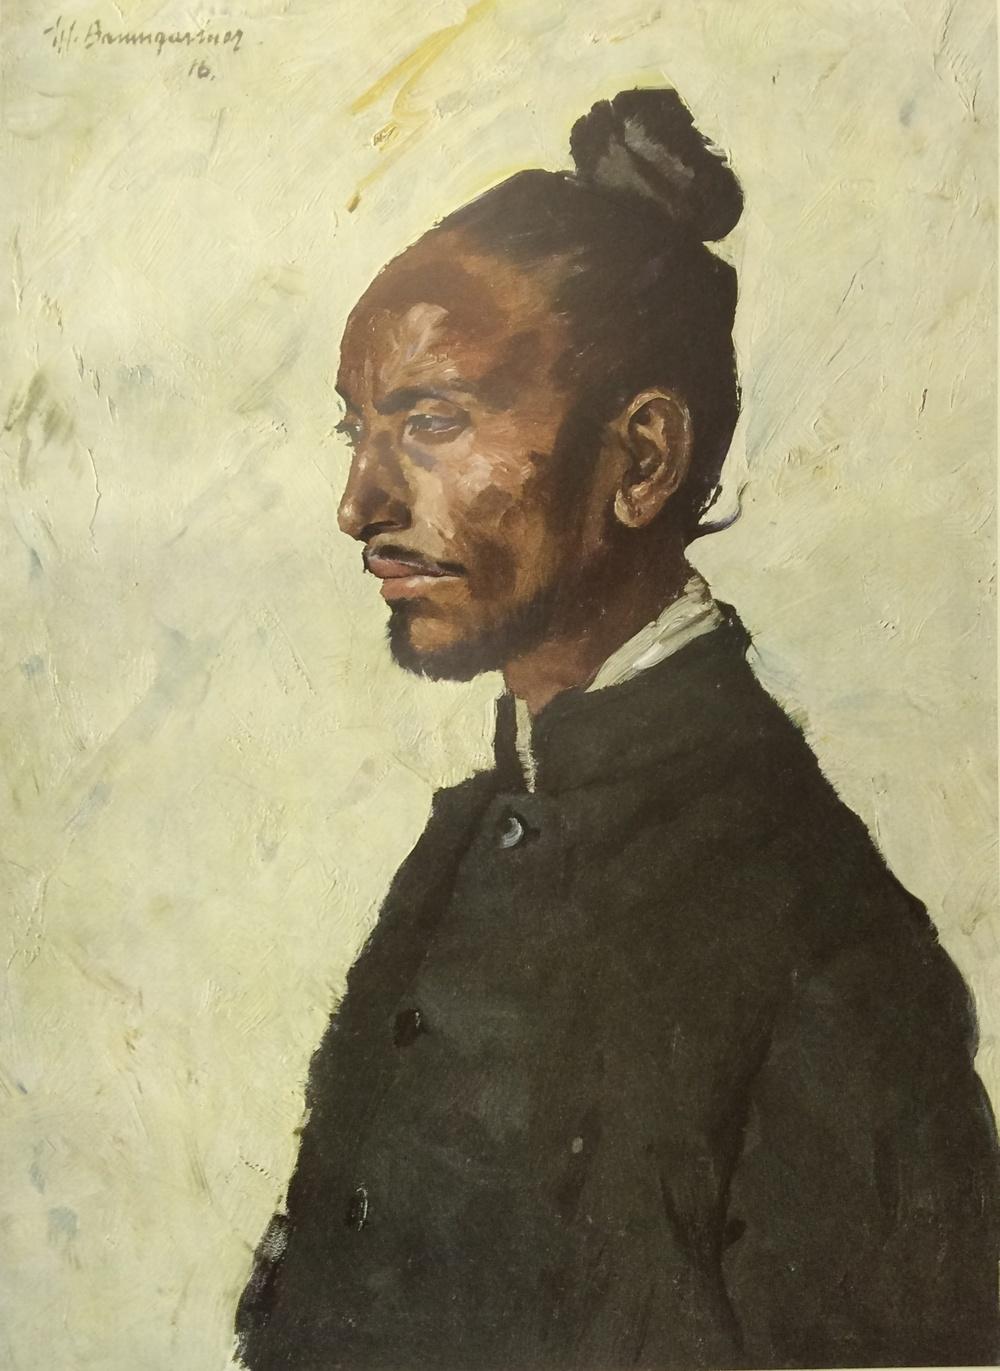 Sikh prisoner, c. 1915-18